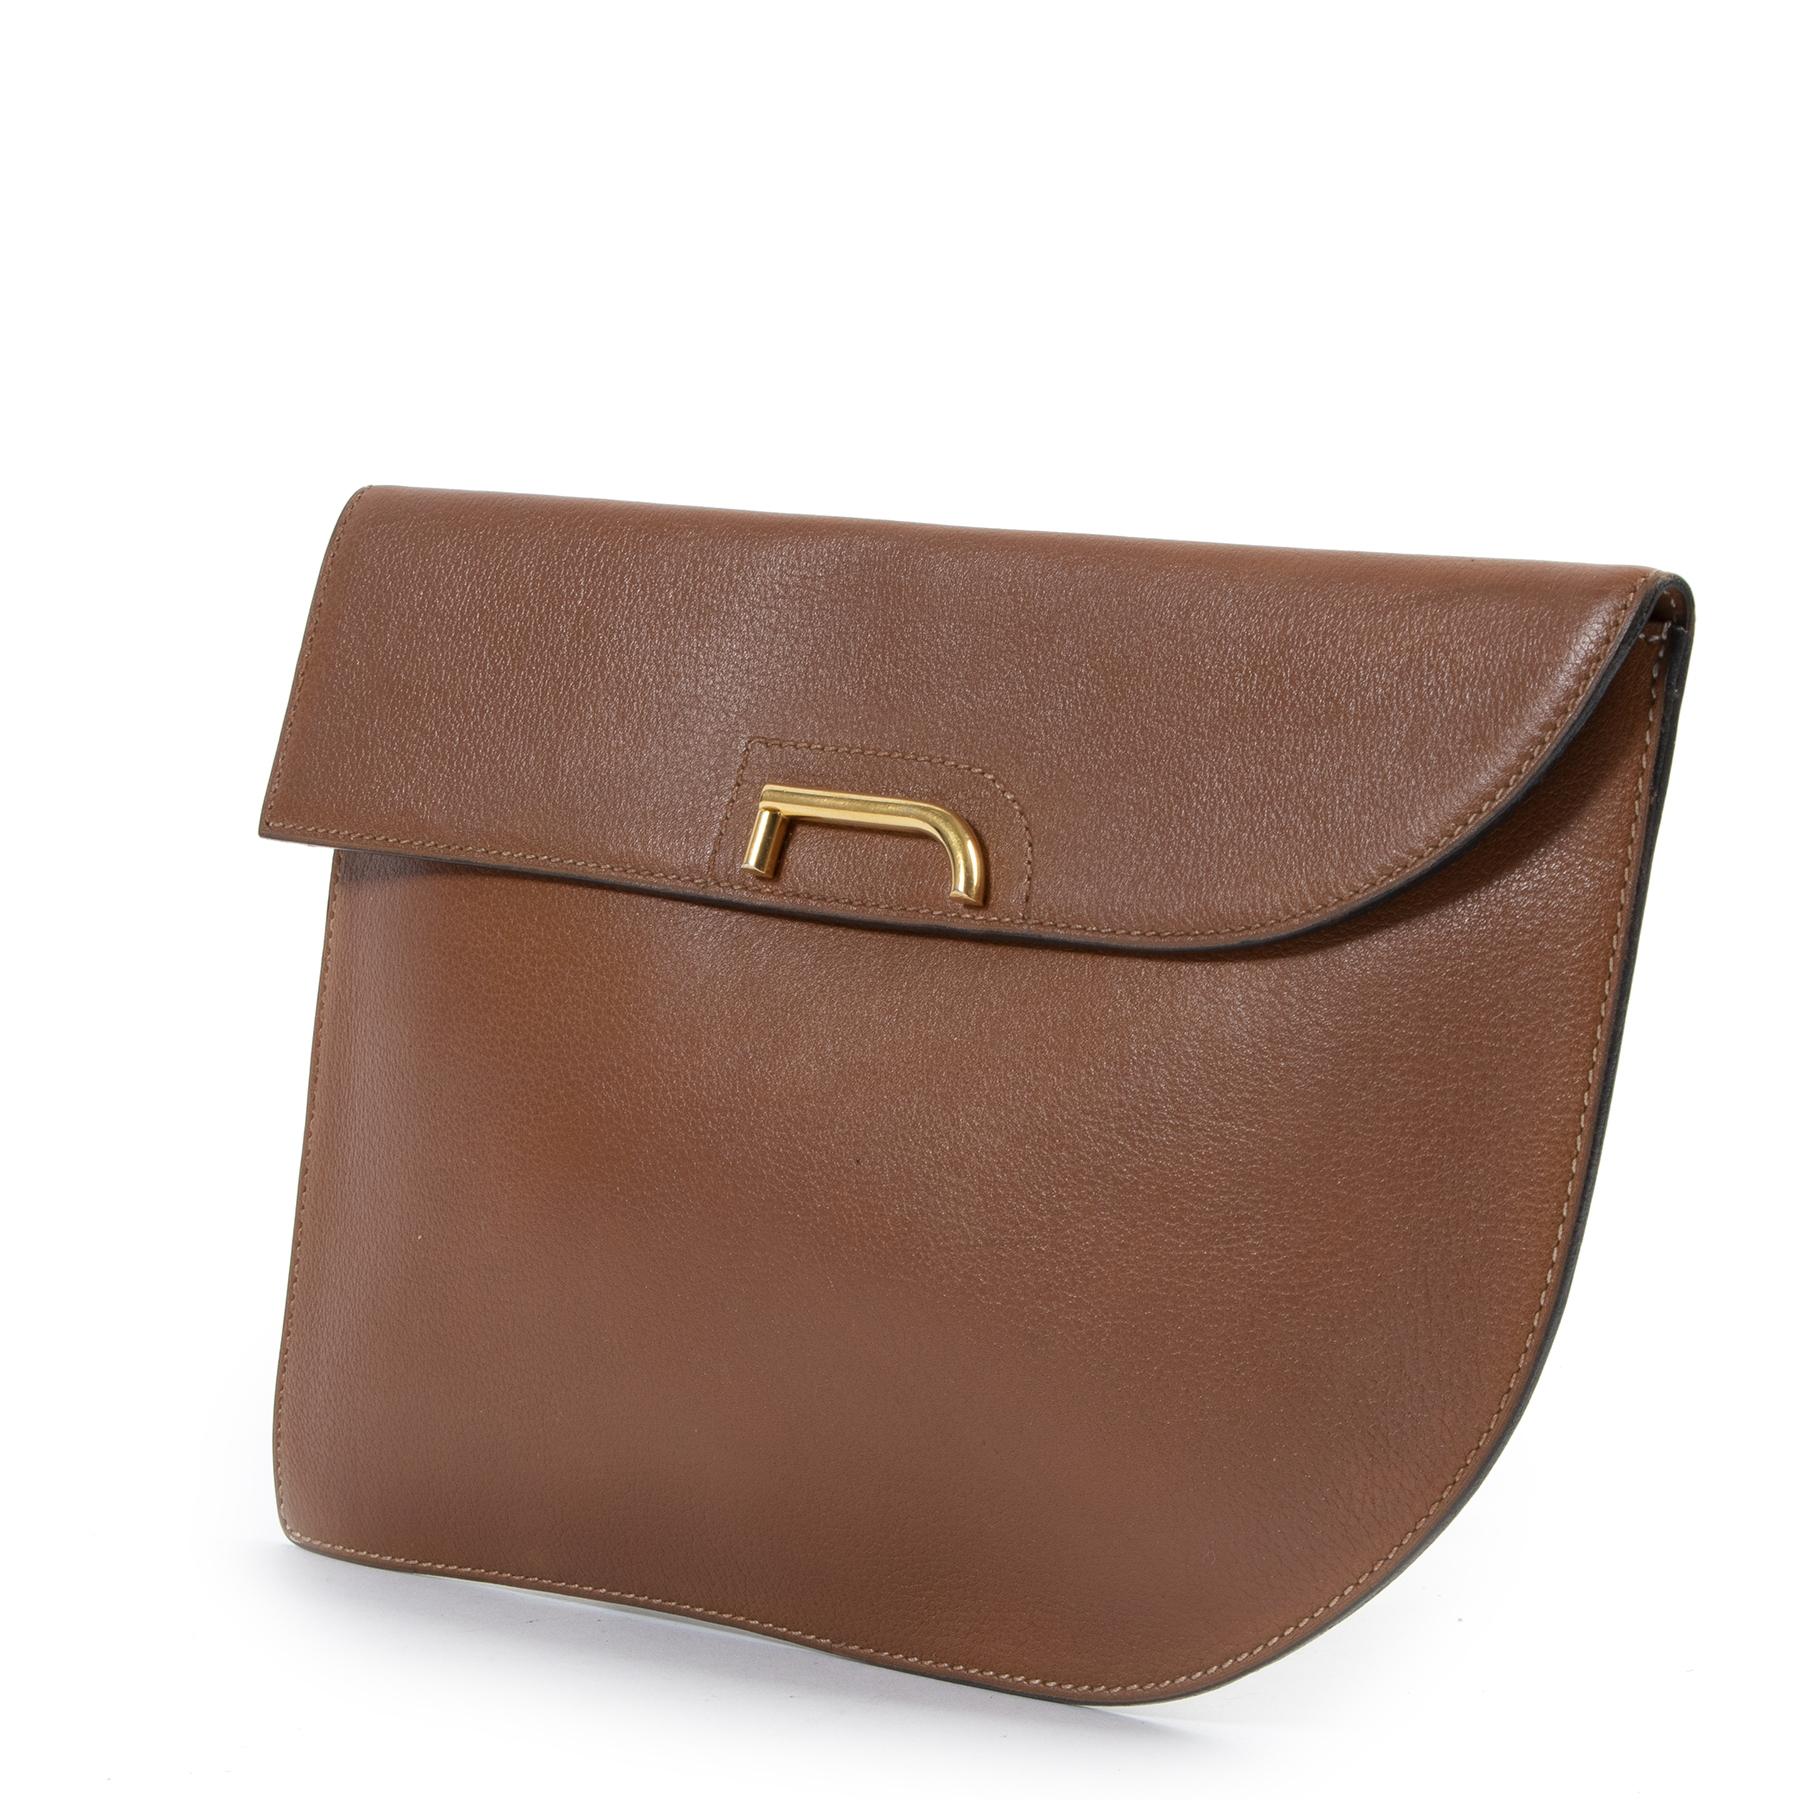 shop safe online Delvaux Cognac Clutch